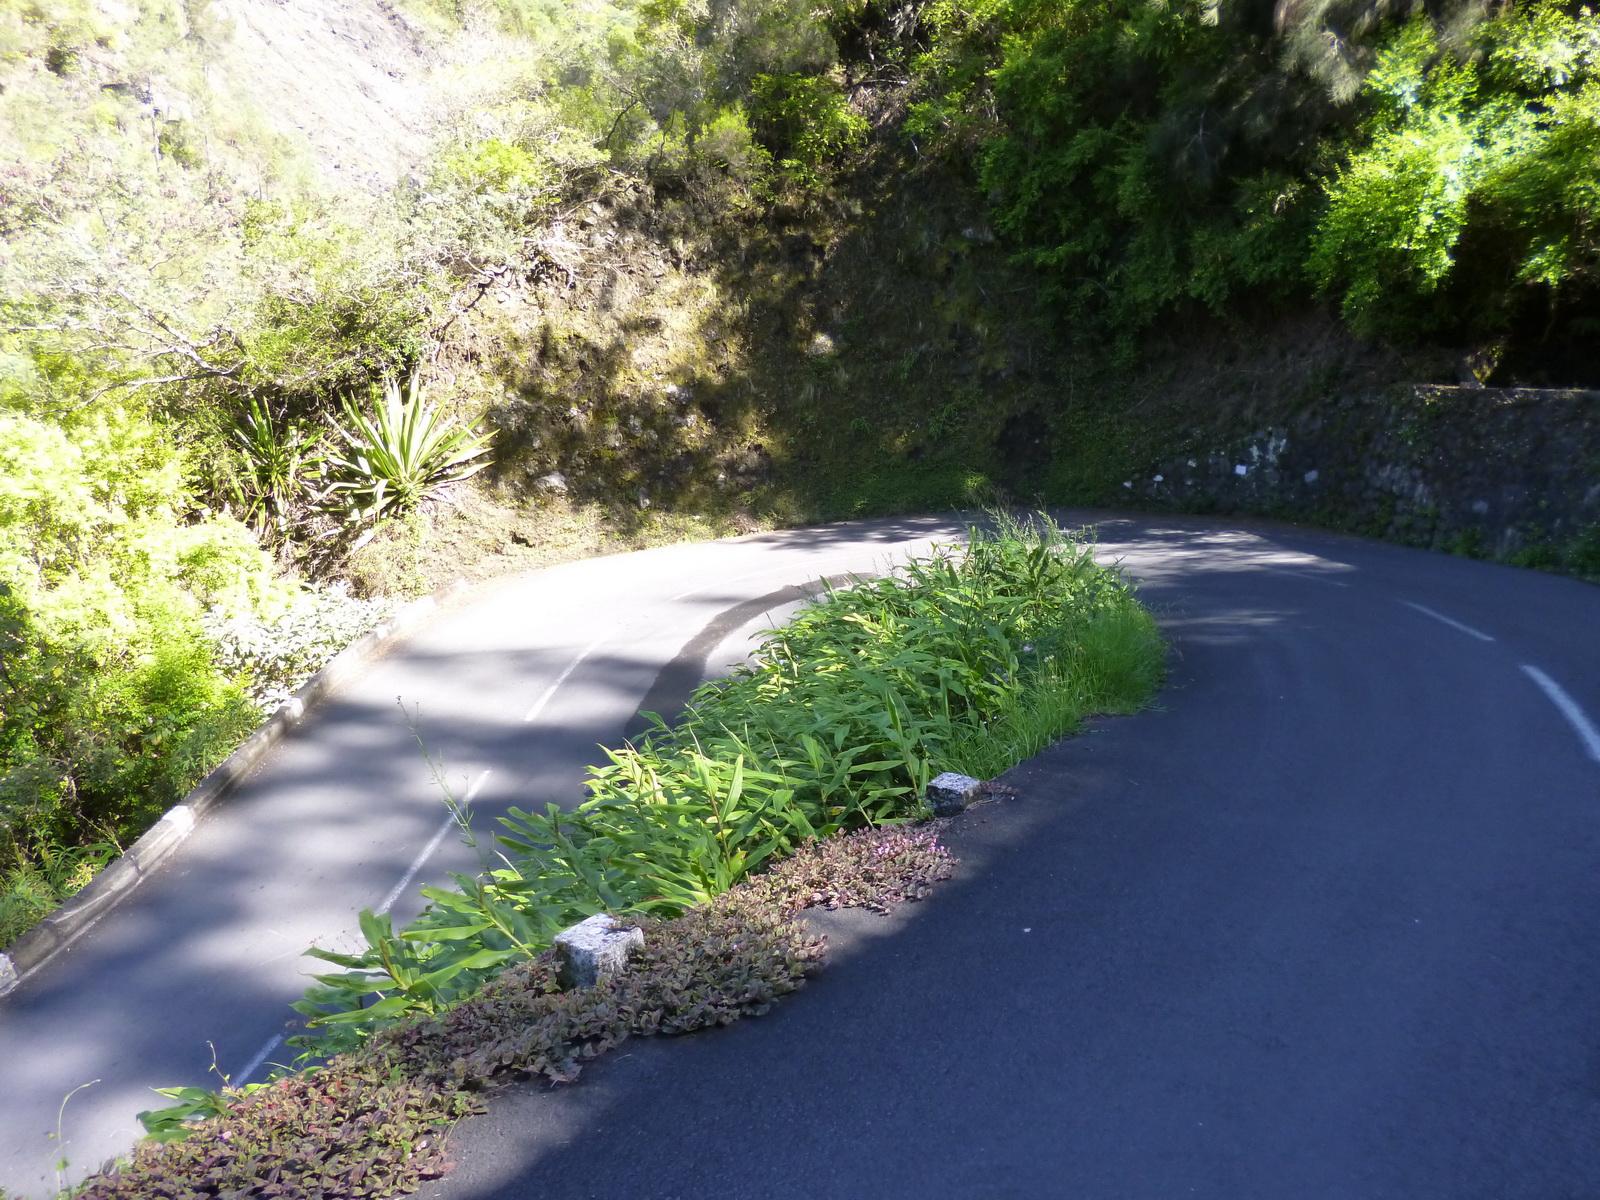 LA RÉUNION : la route de Cilaos, dite route aux 400 virages 679959P1010843